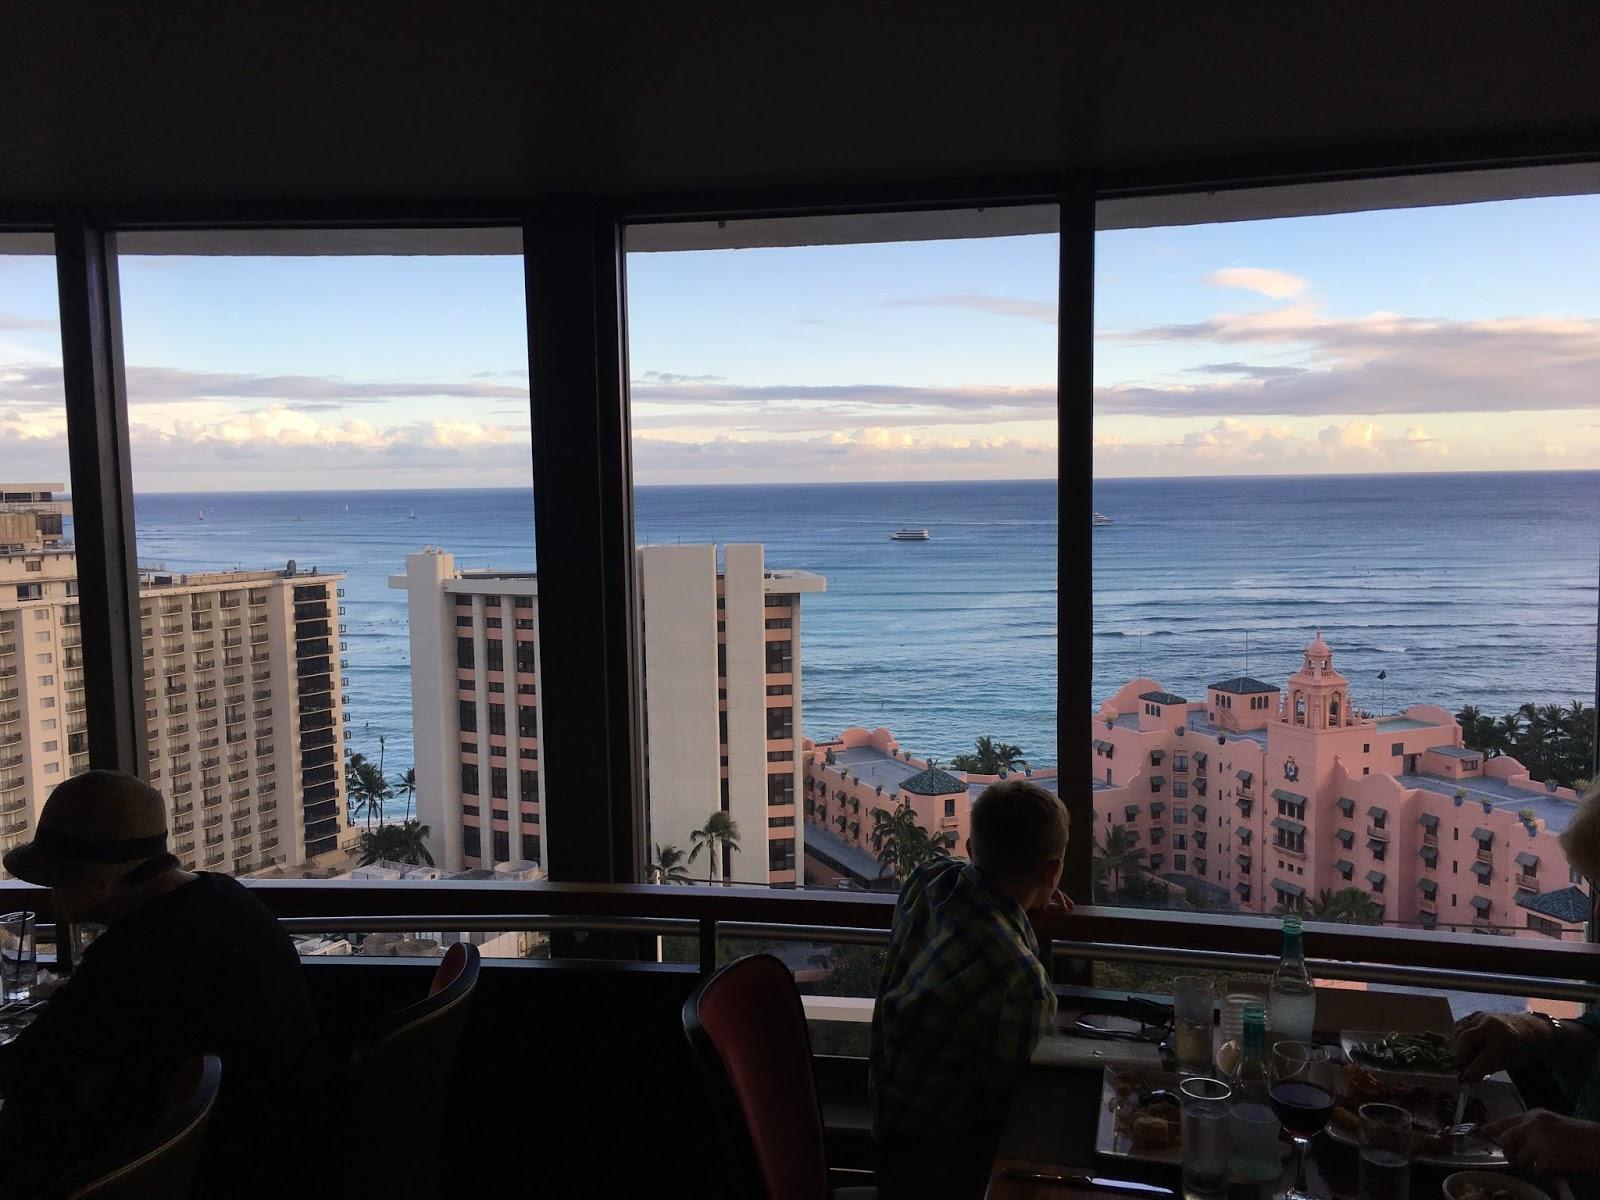 TASTE OF HAWAII: TOP OF WAIKIKI